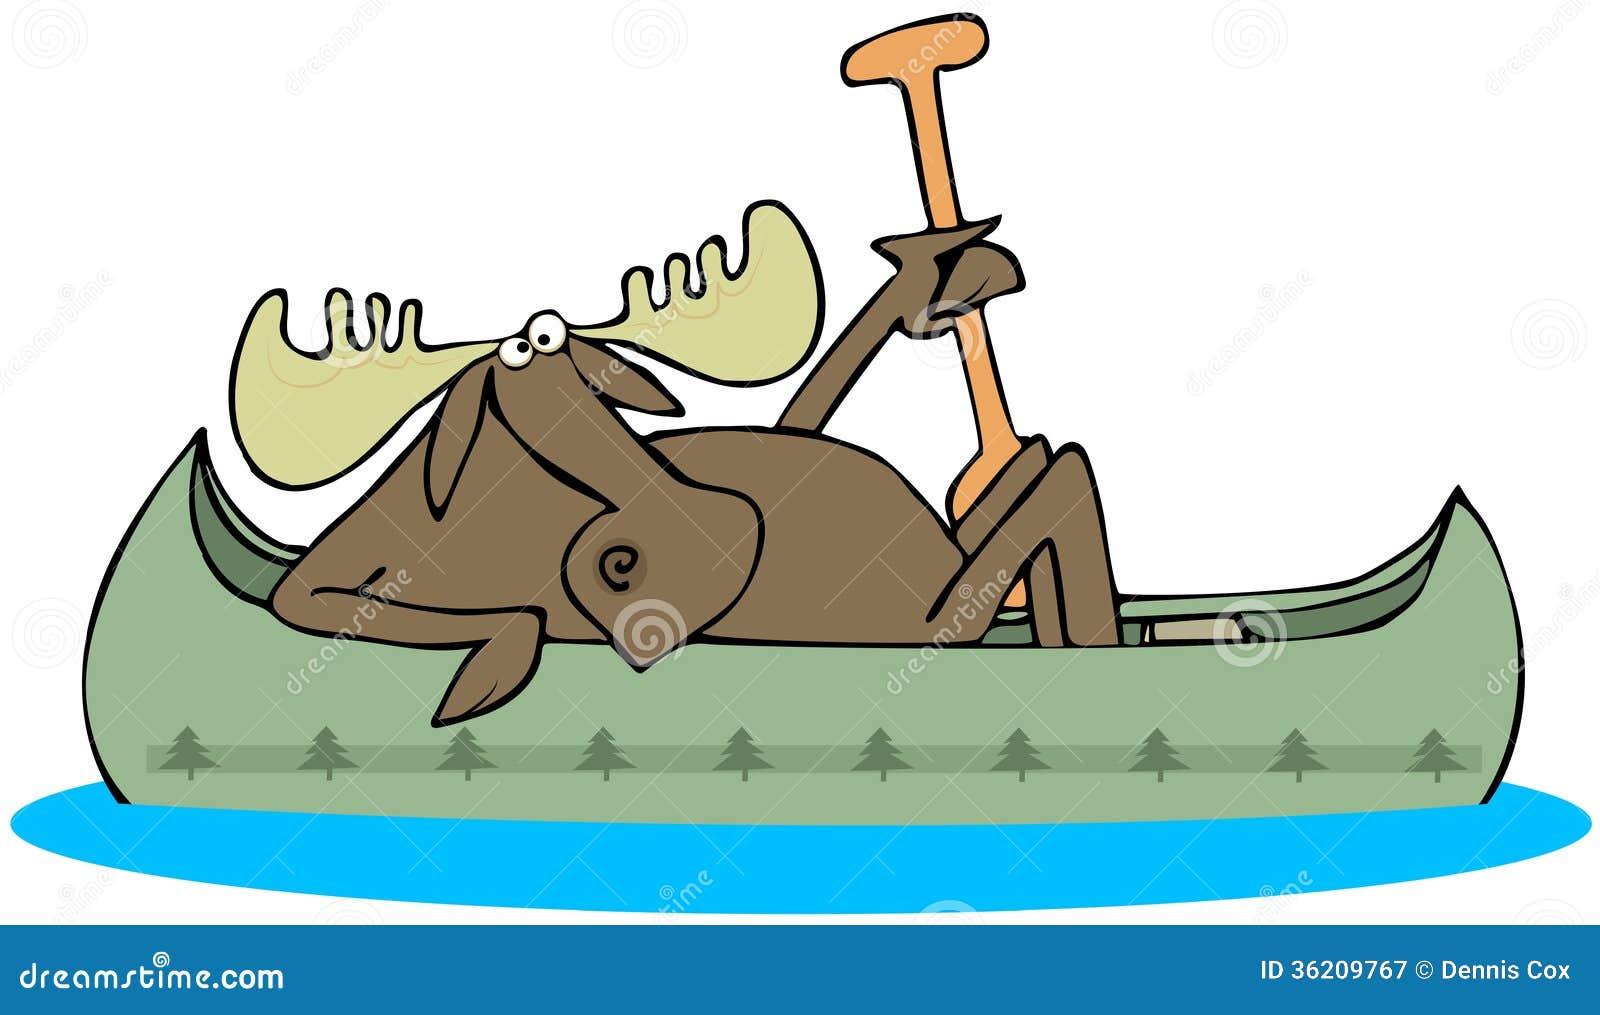 Image result for canoe clip art